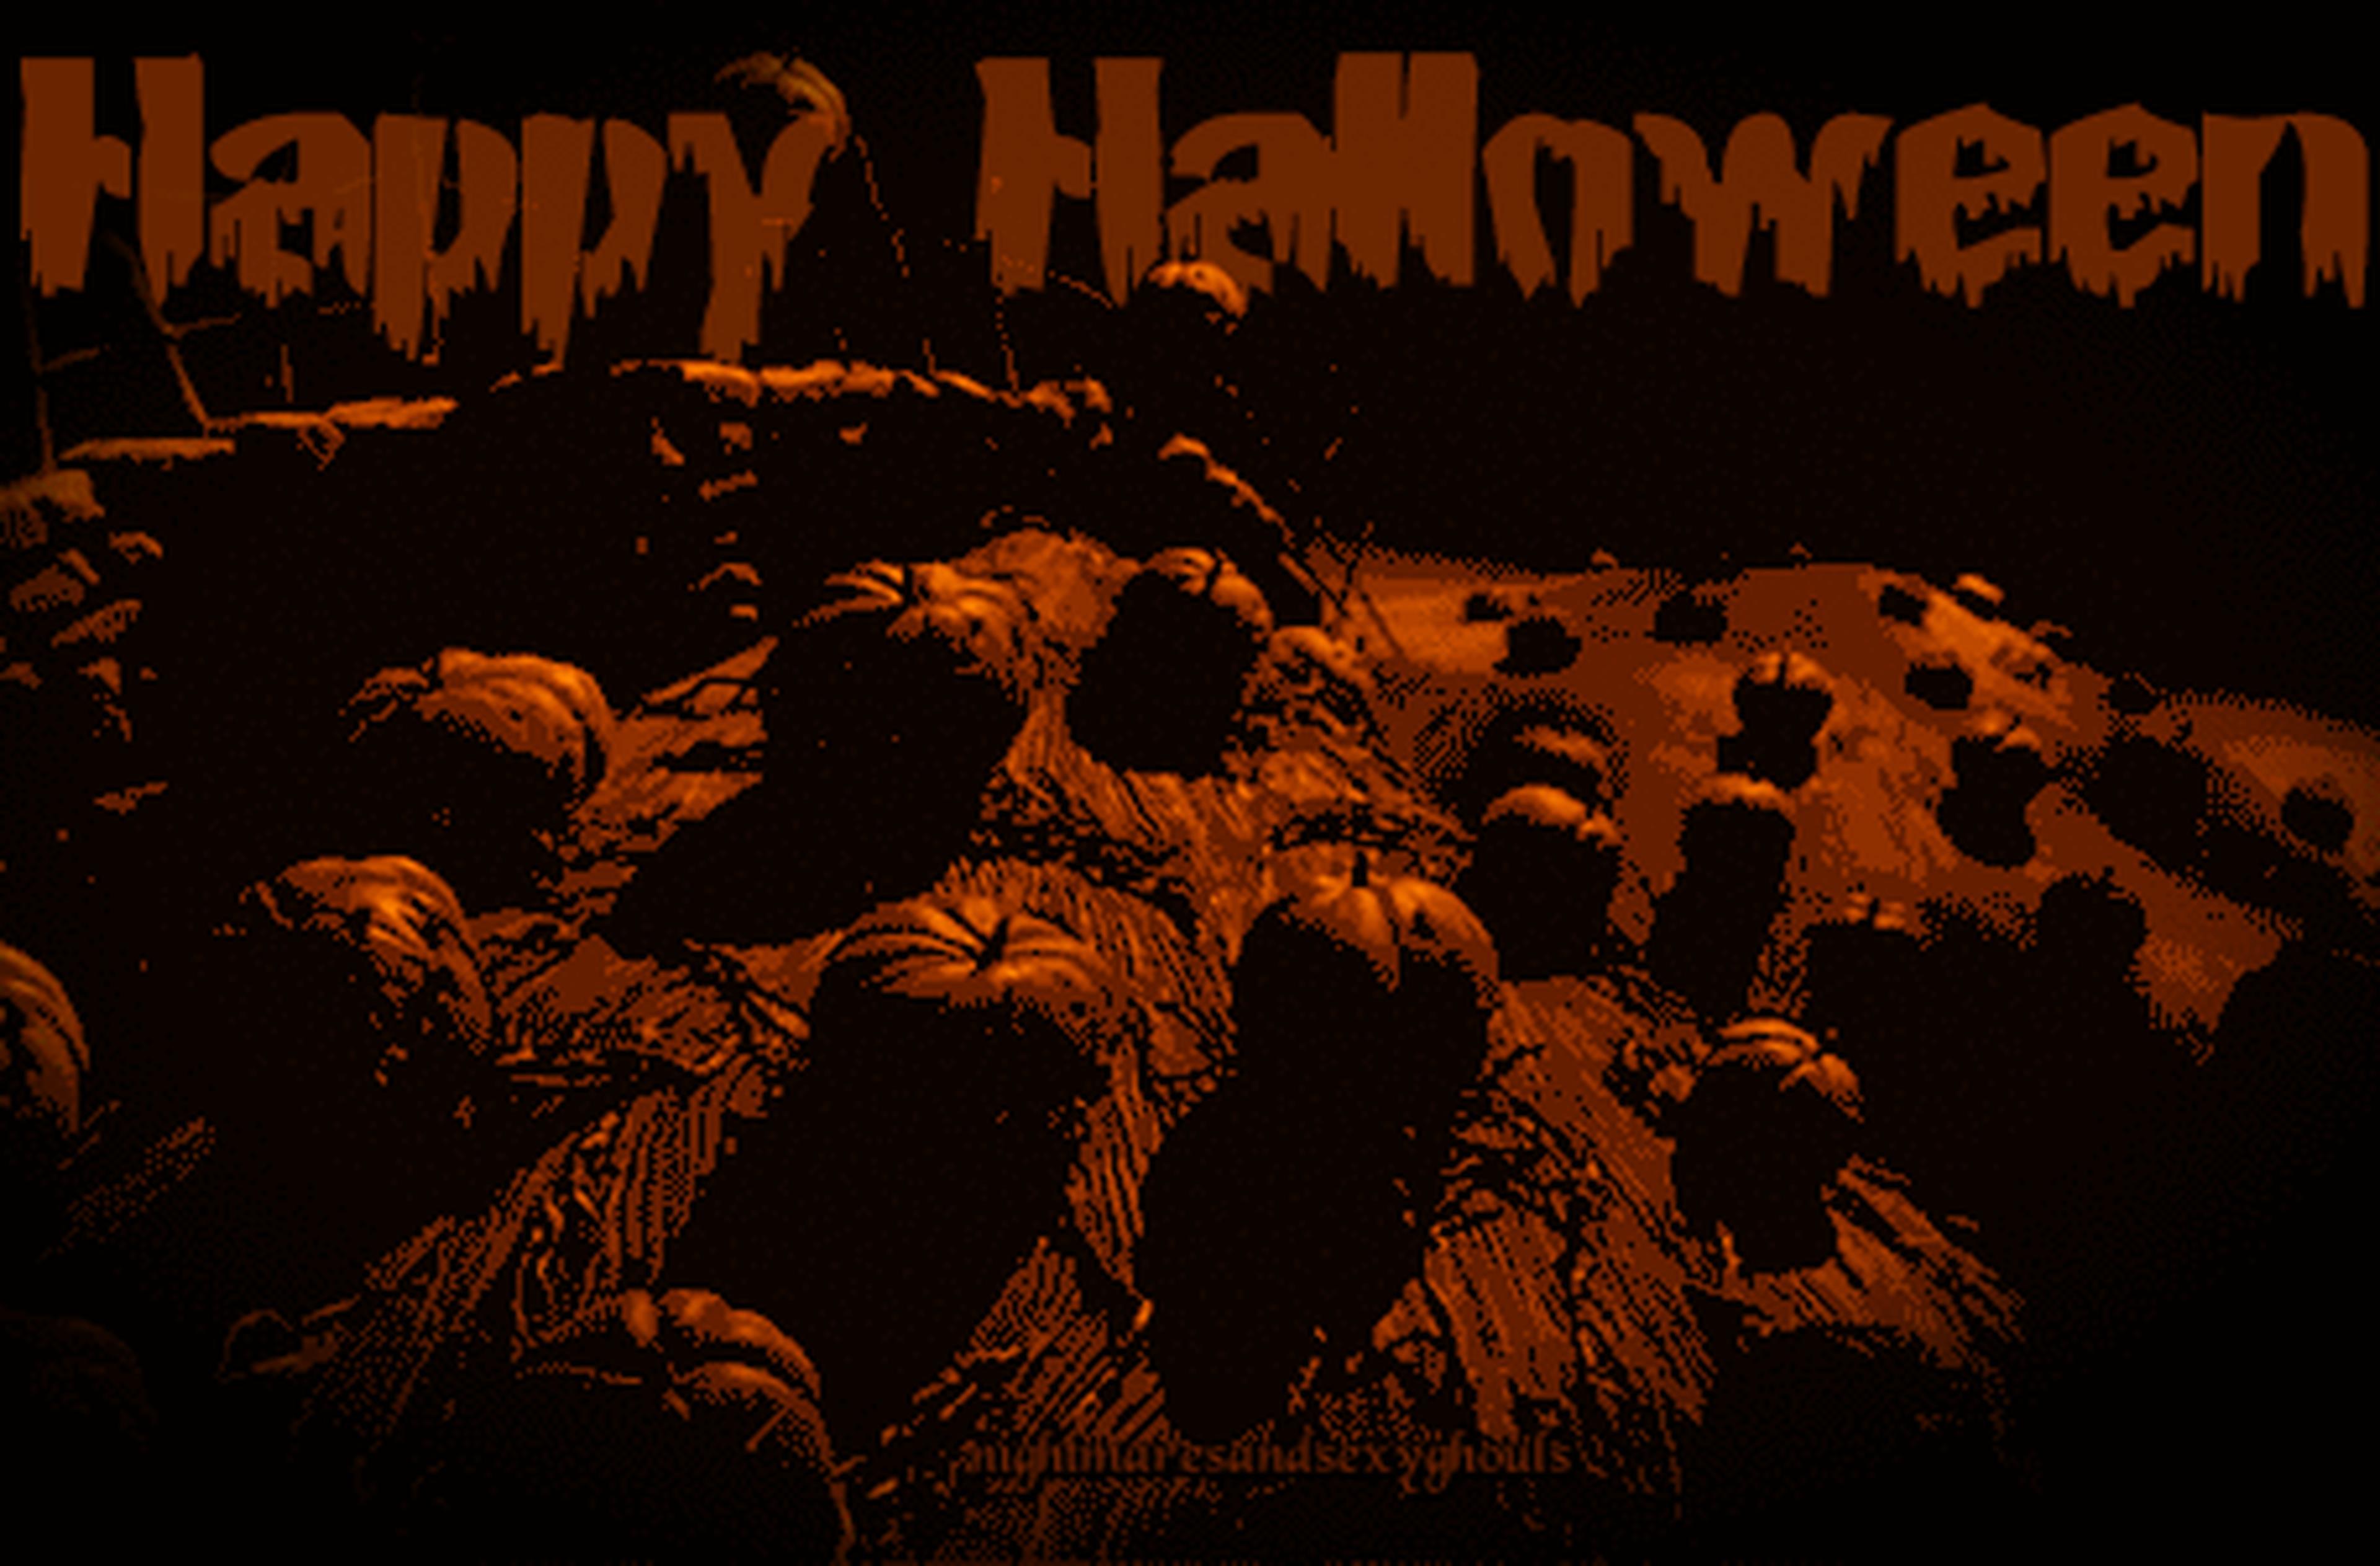 Le migliori immagini di Halloween da scaricare gratis - una GIF di Halloween